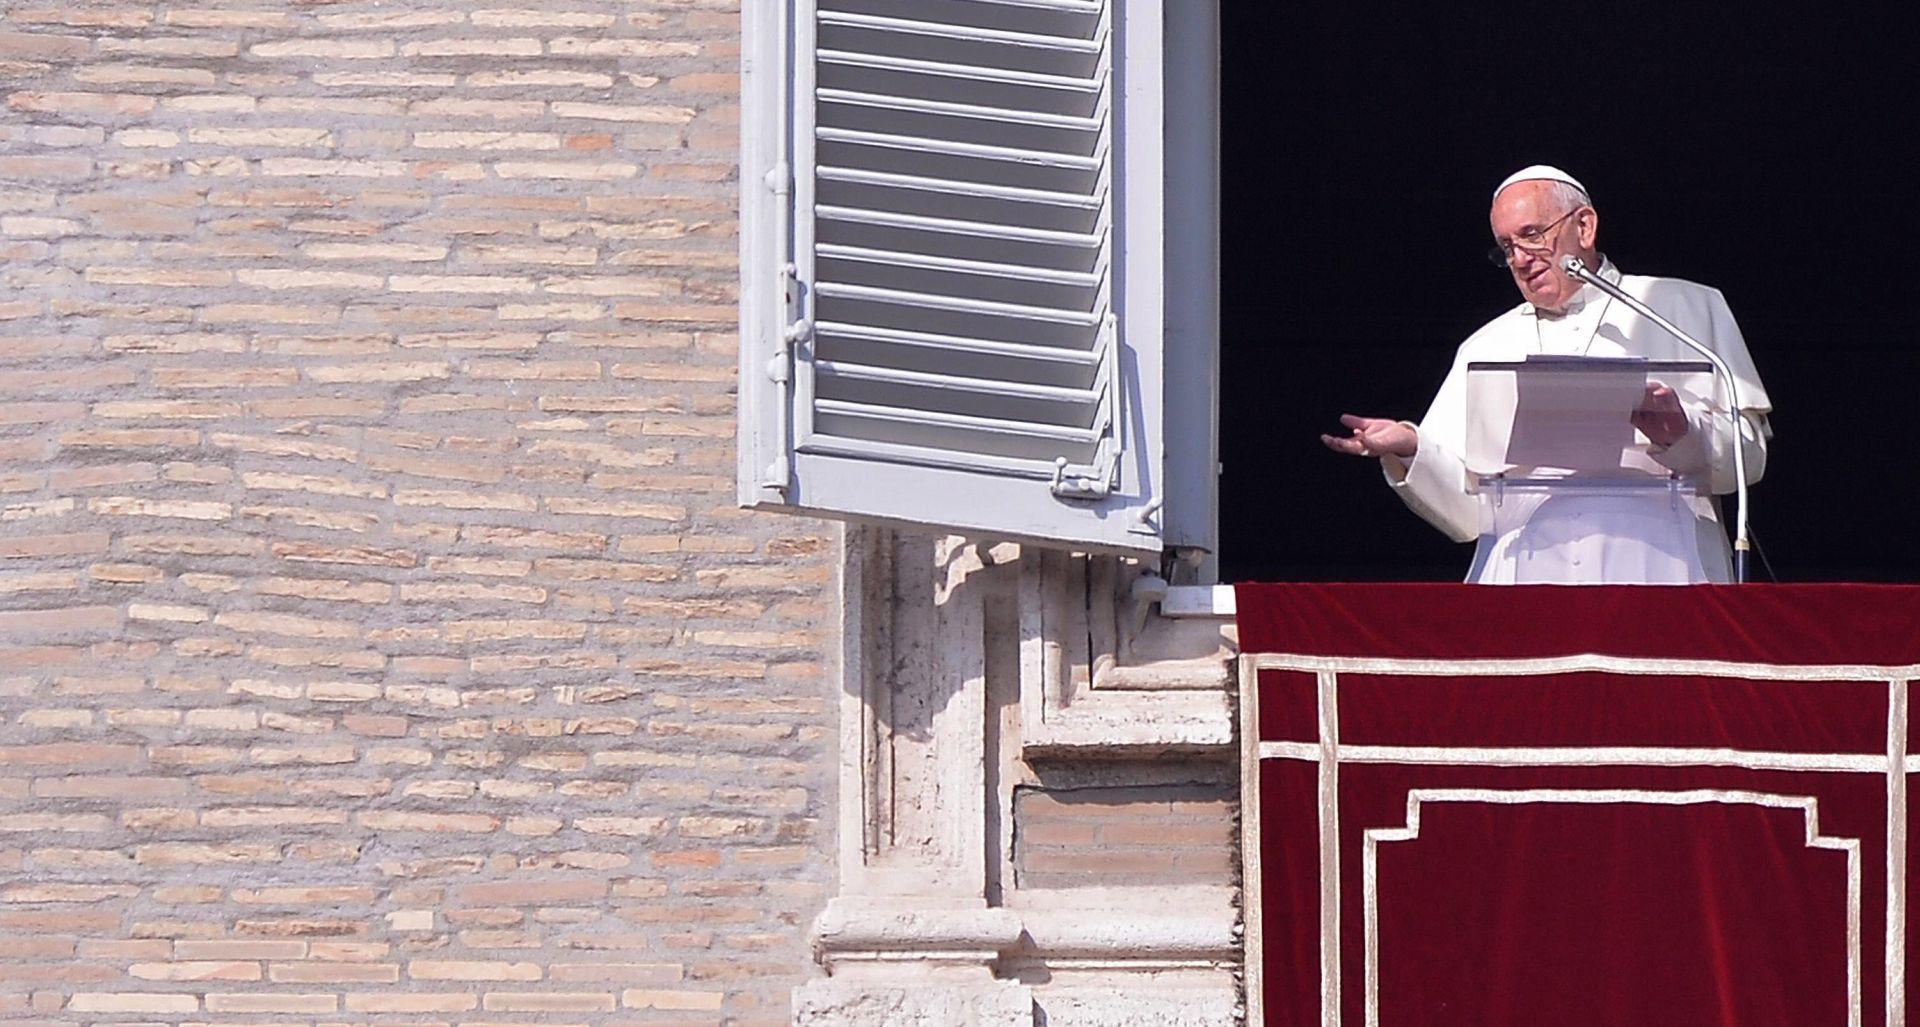 Papa Franjo: Nasilje u ime Boga je bogohuljenje